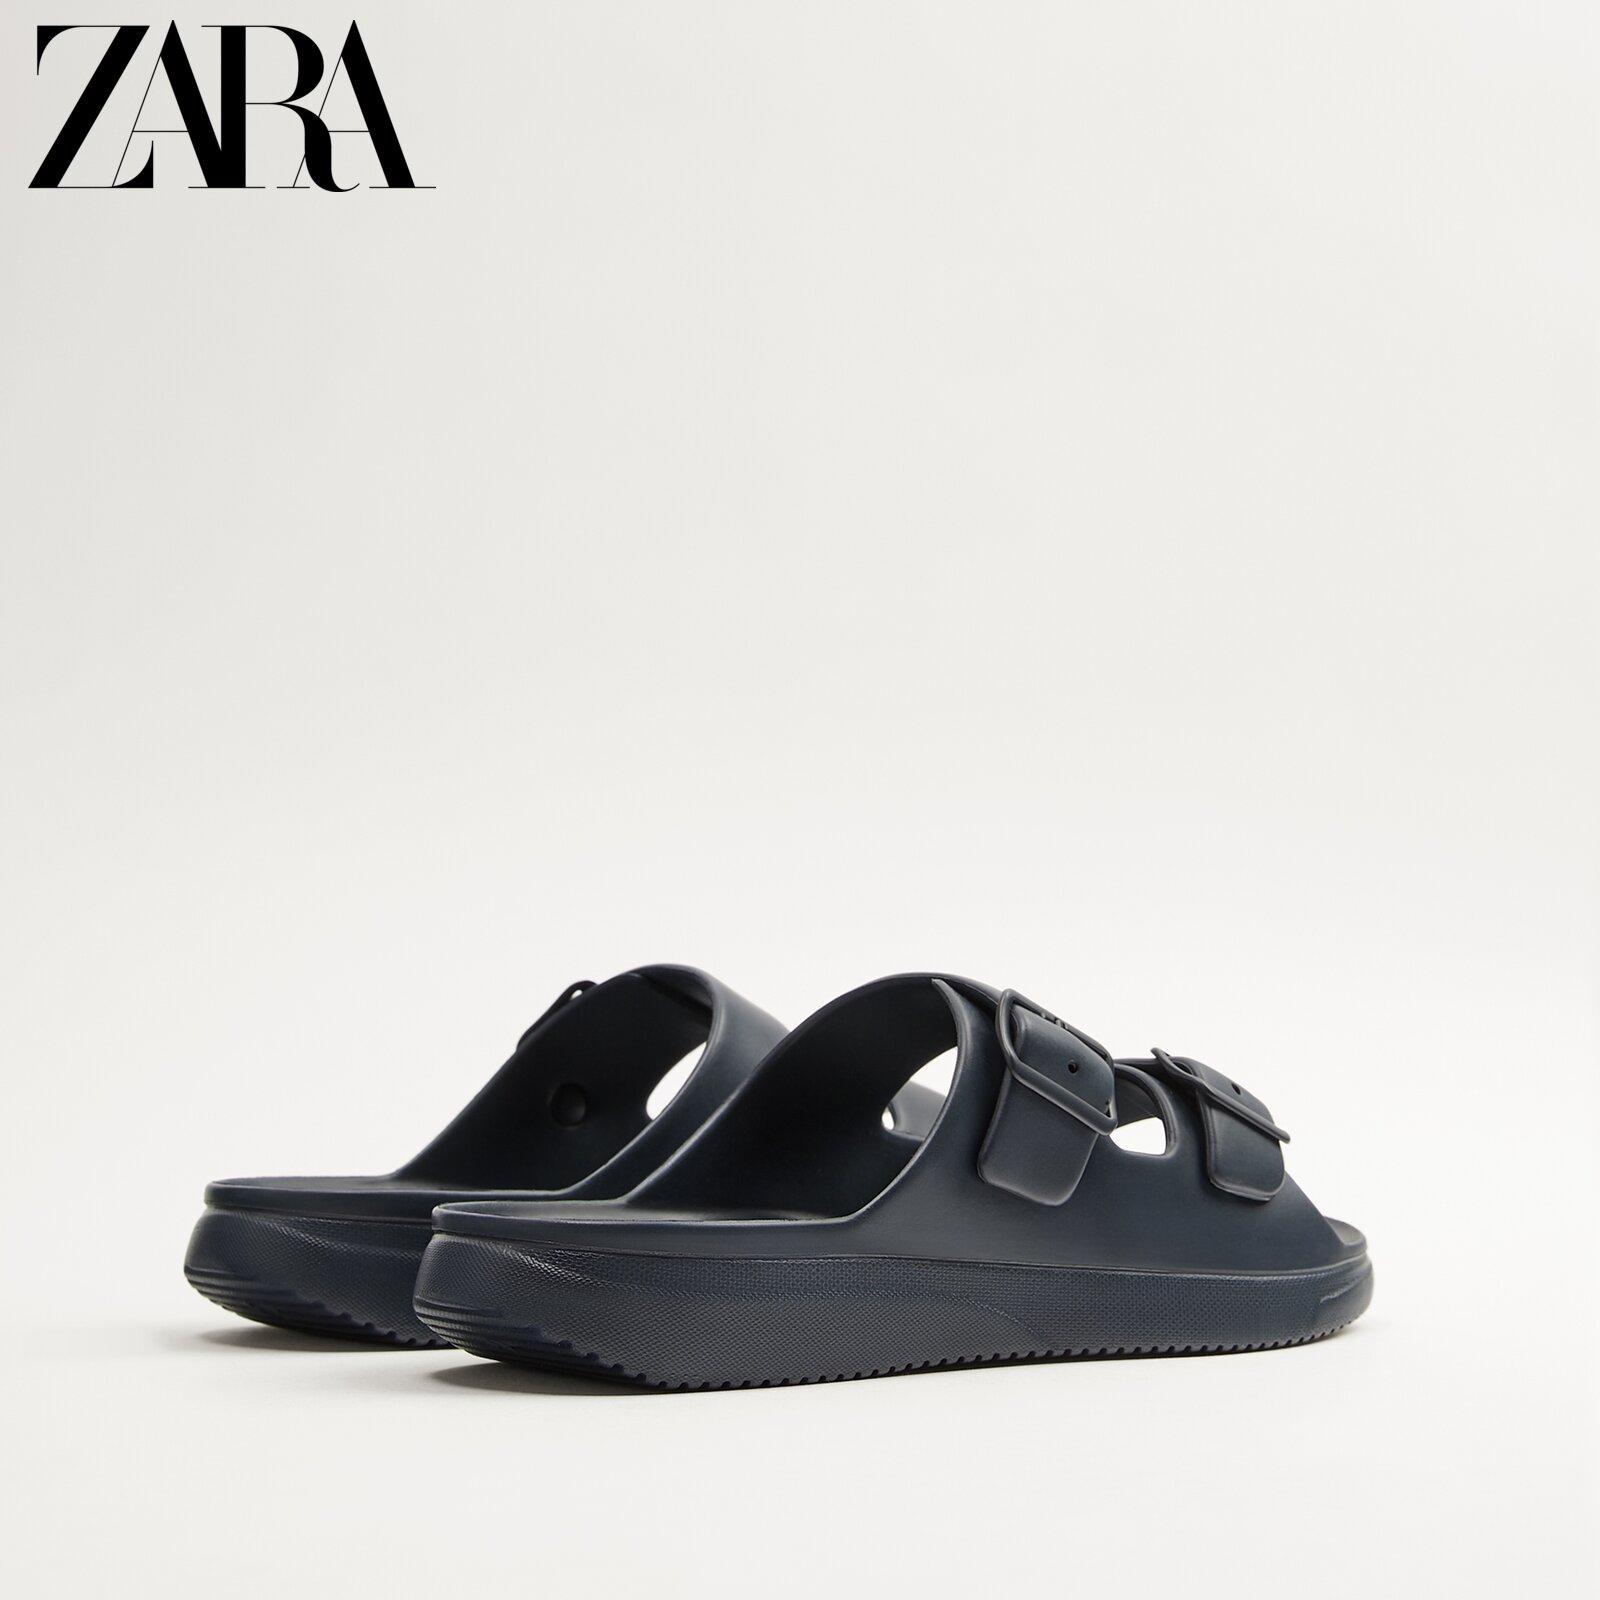 ZARA 12704721032 男款休闲凉鞋